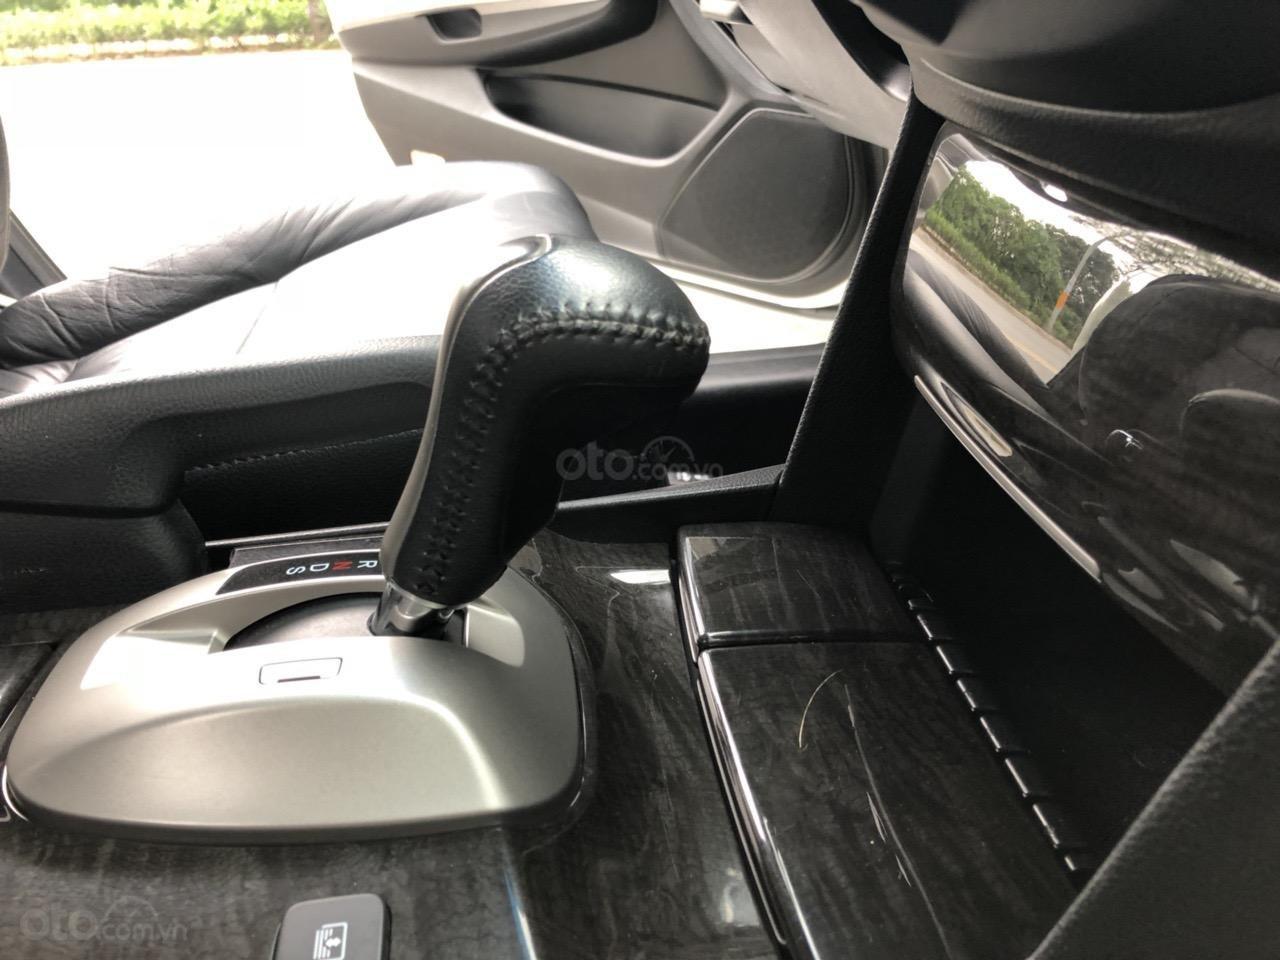 Bán Honda Accord 2.4S 2011 xe nhập, đẹp đến từng milimet, thật đấy-4